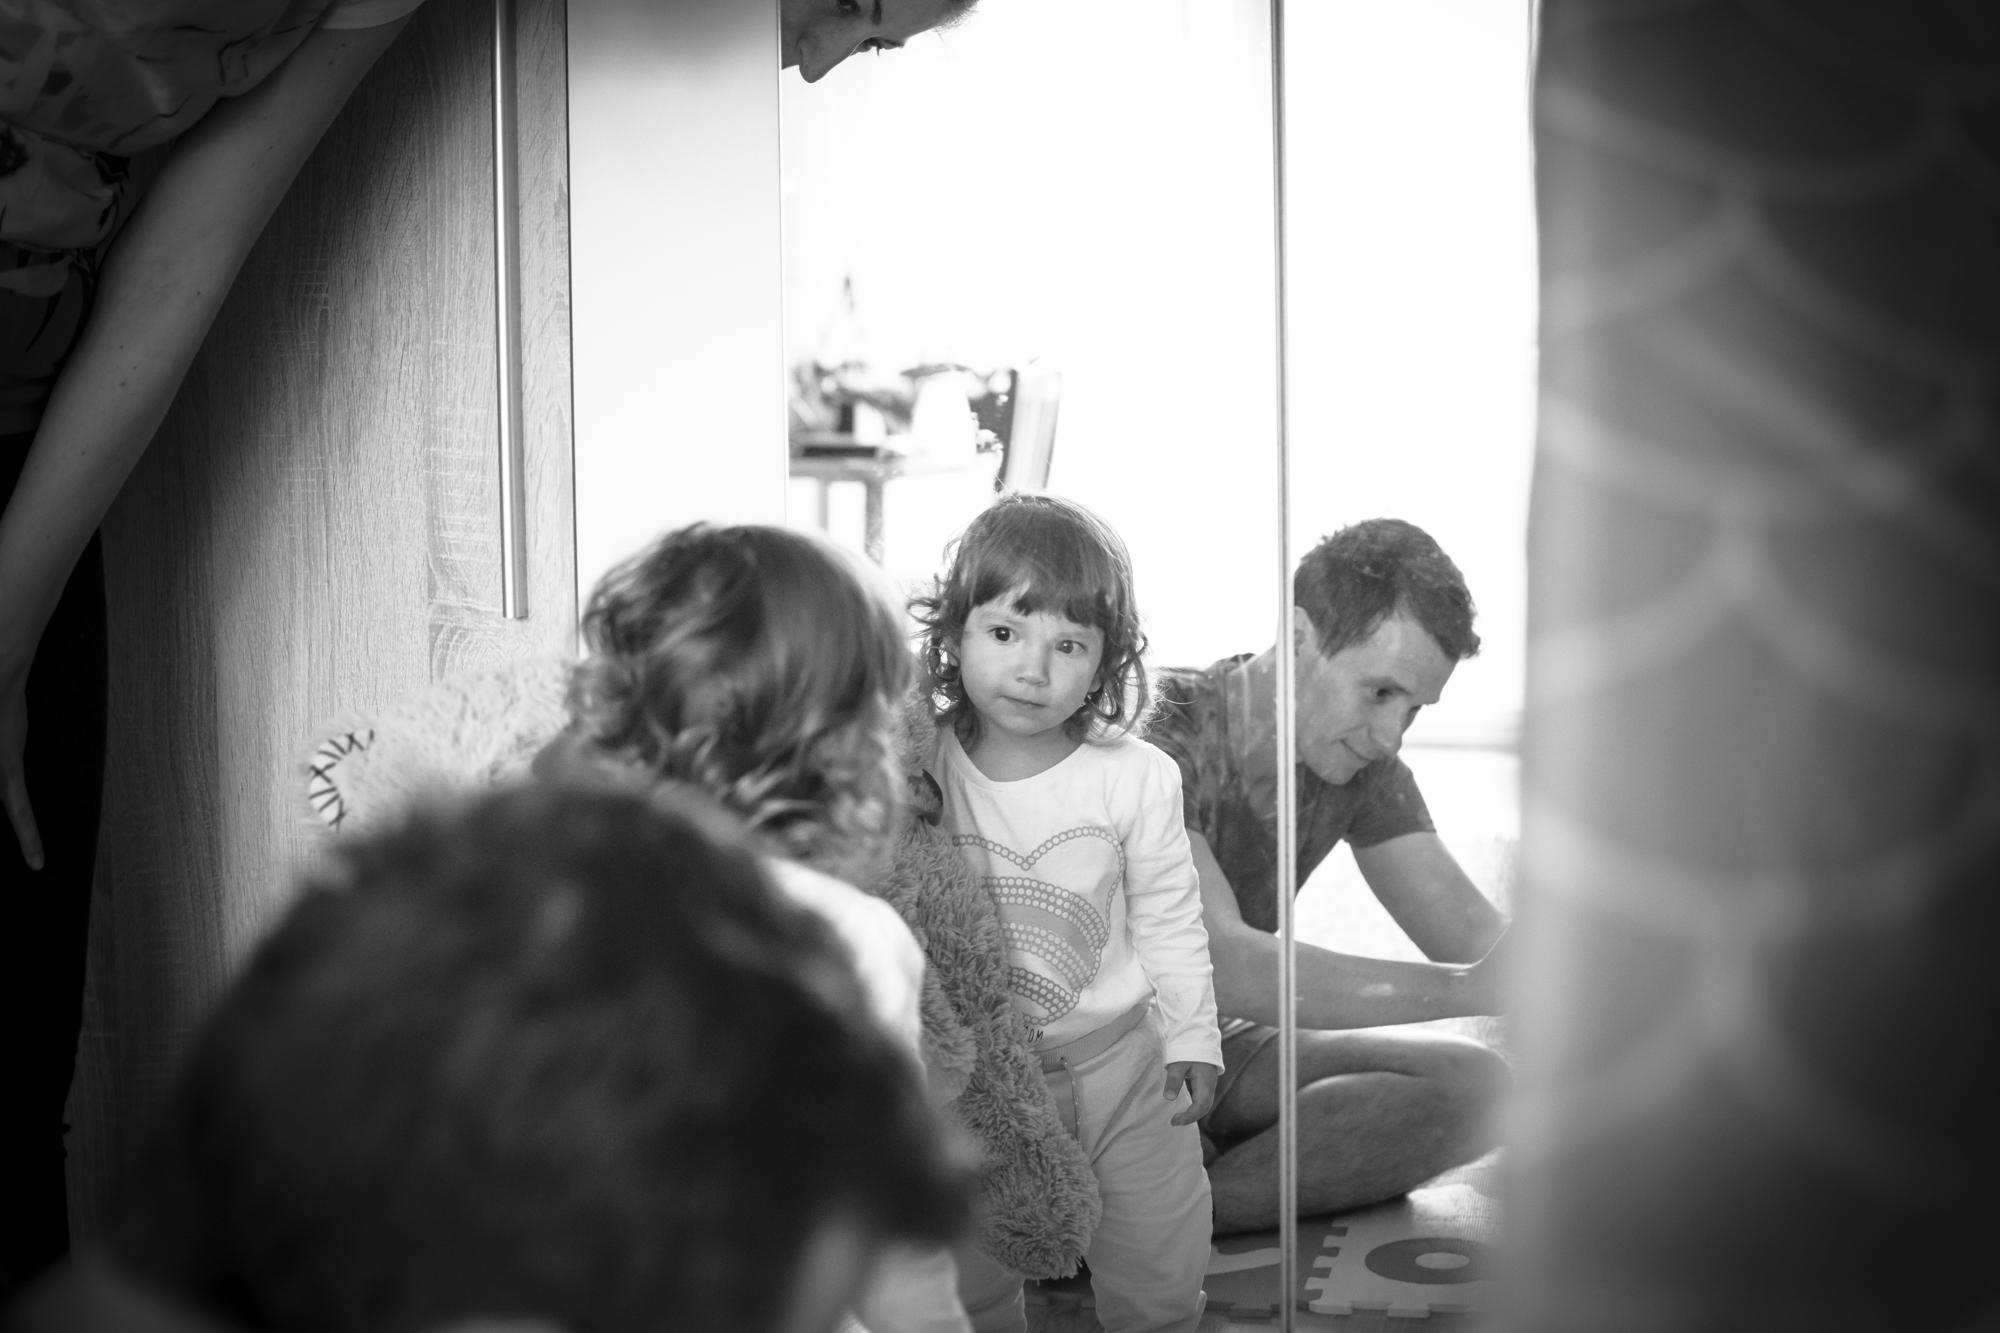 Story telling/családi életképek